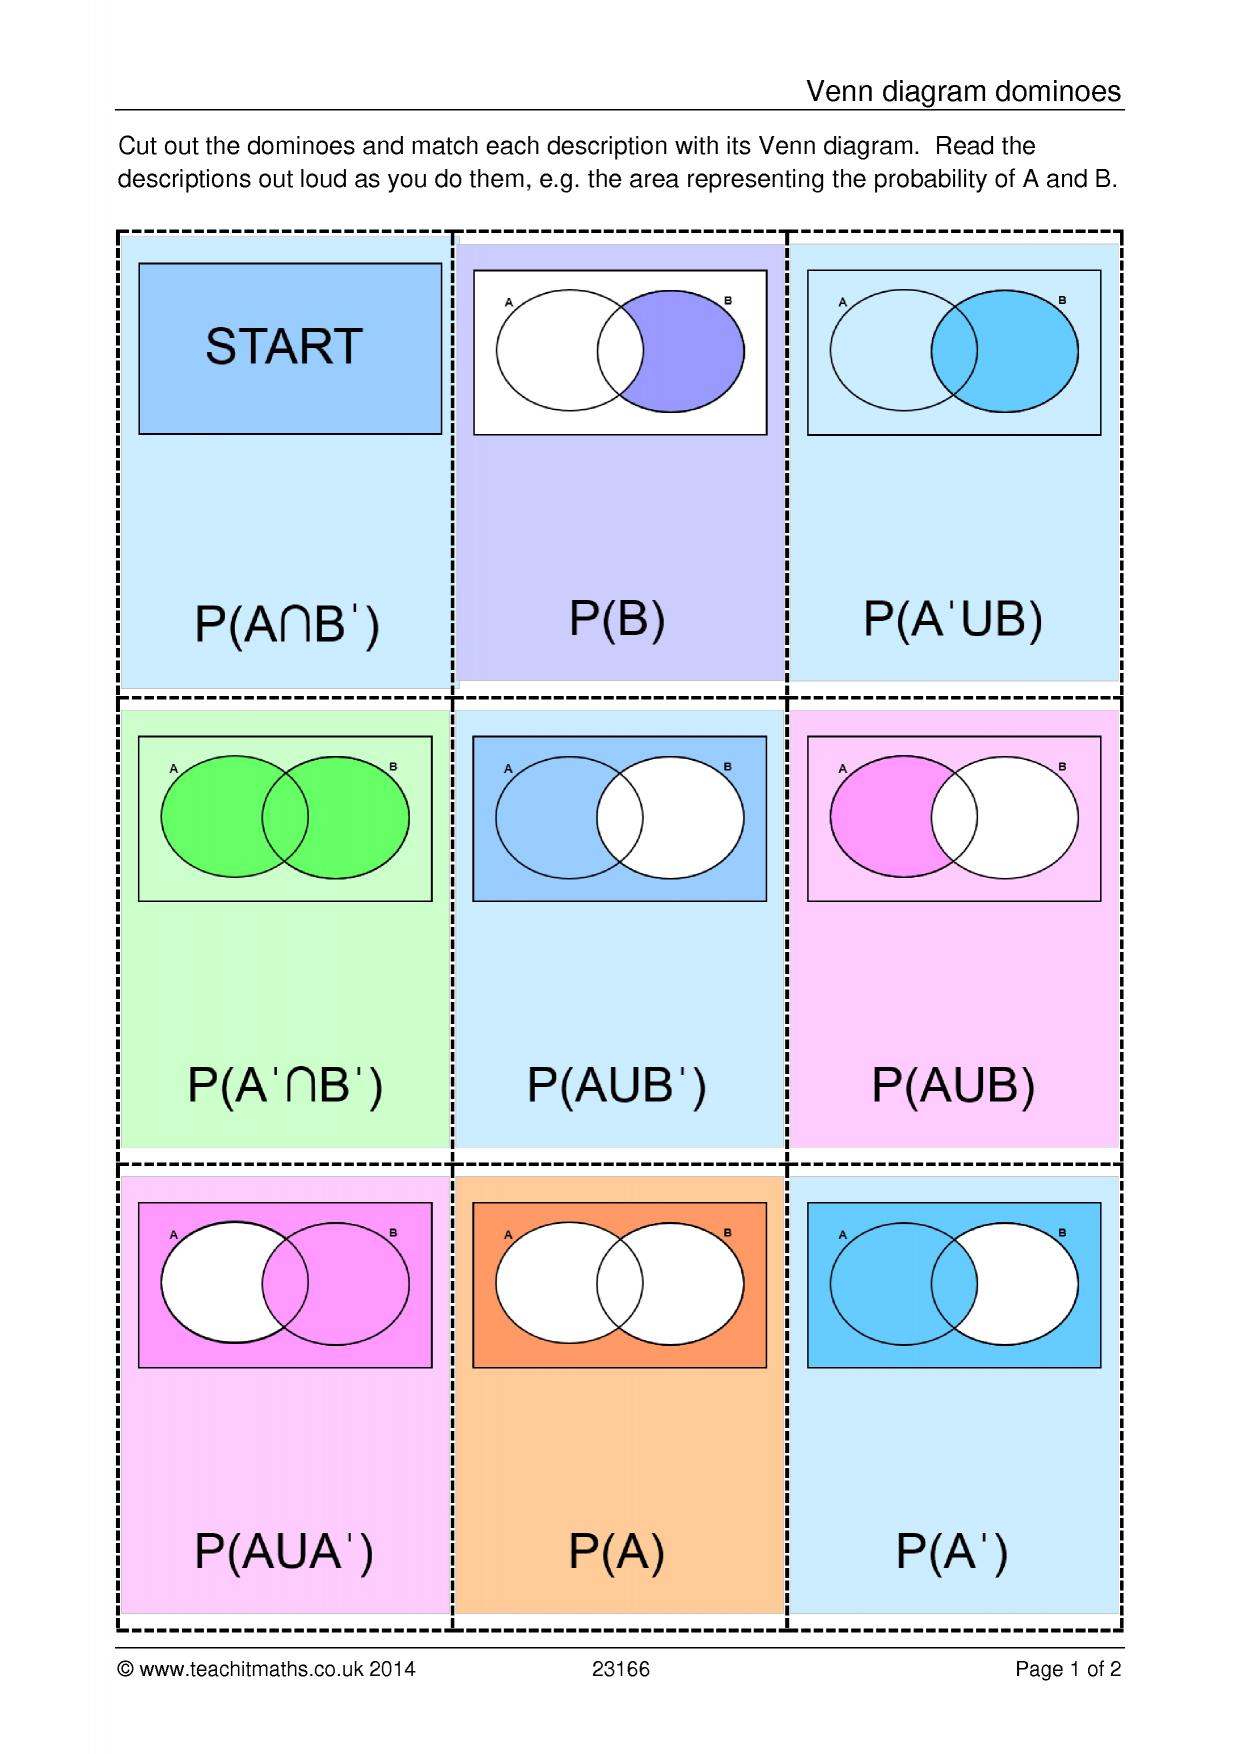 venn diagram dominoes - probability